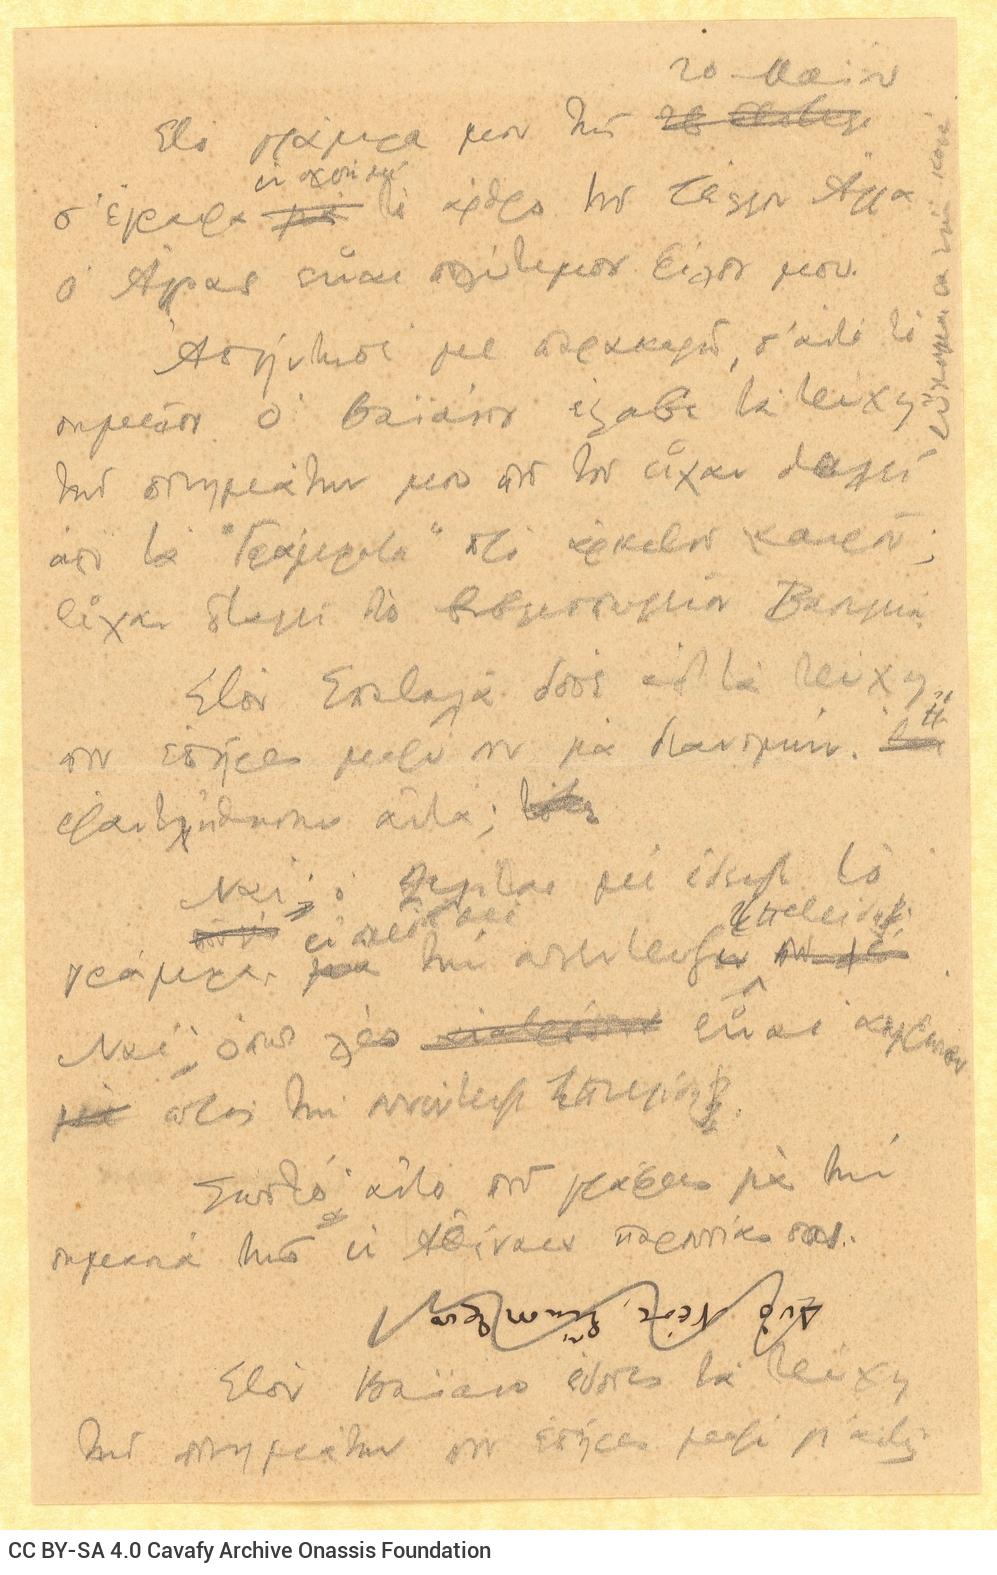 Χειρόγραφο σχέδιο επιστολής του Καβάφη προς τη Ρίκα [Σεγκοπούλου] στ